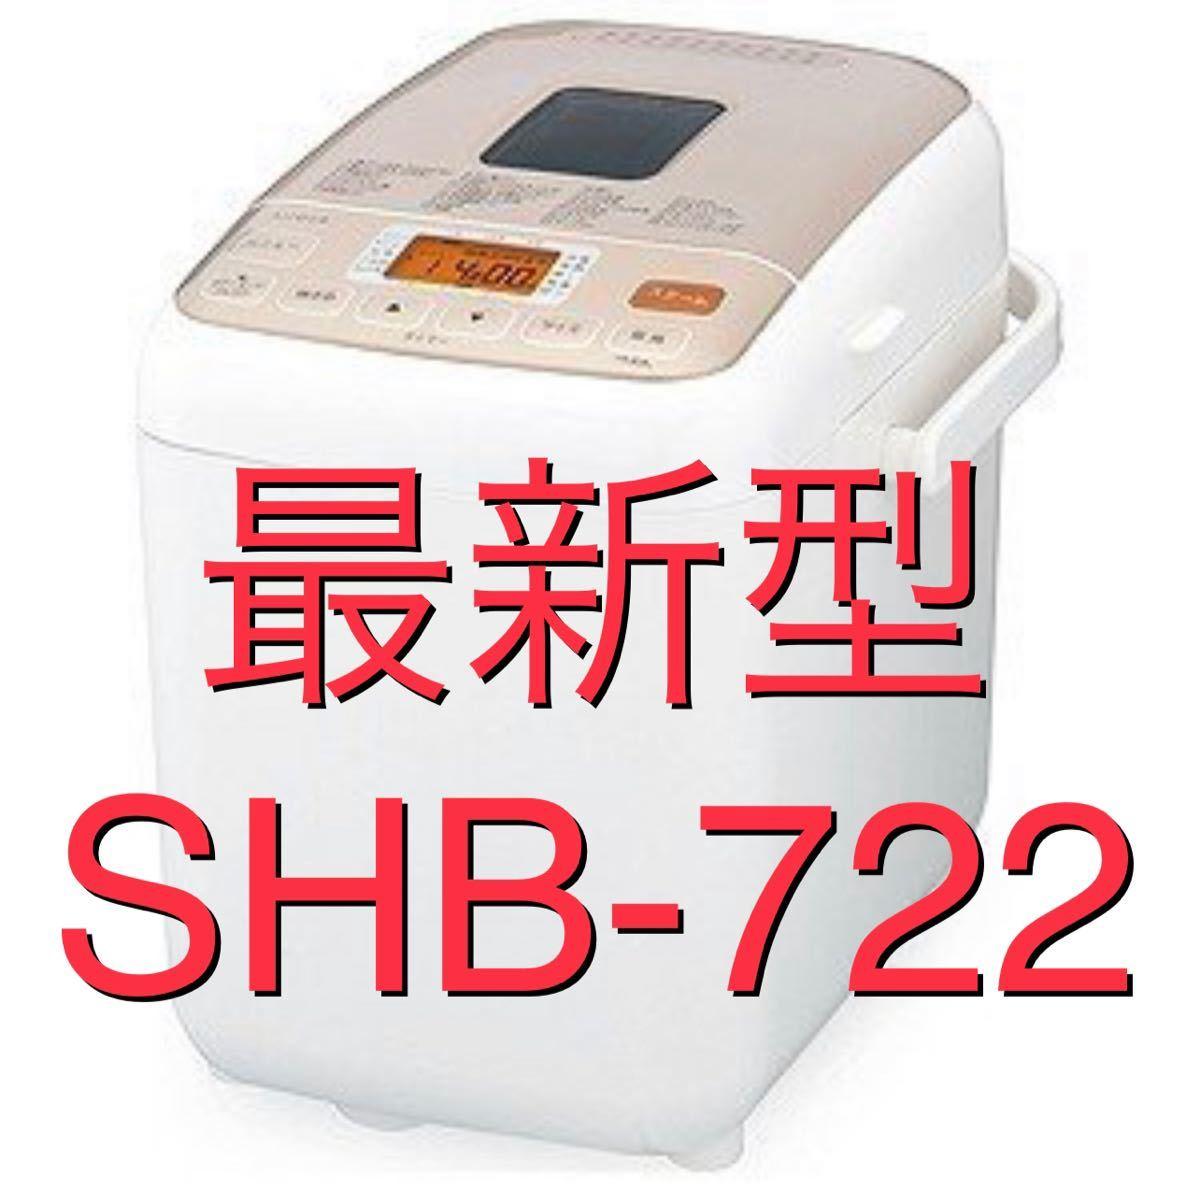 siroca ホームベーカリー 2斤 SHB‐722 シャンパン 美品